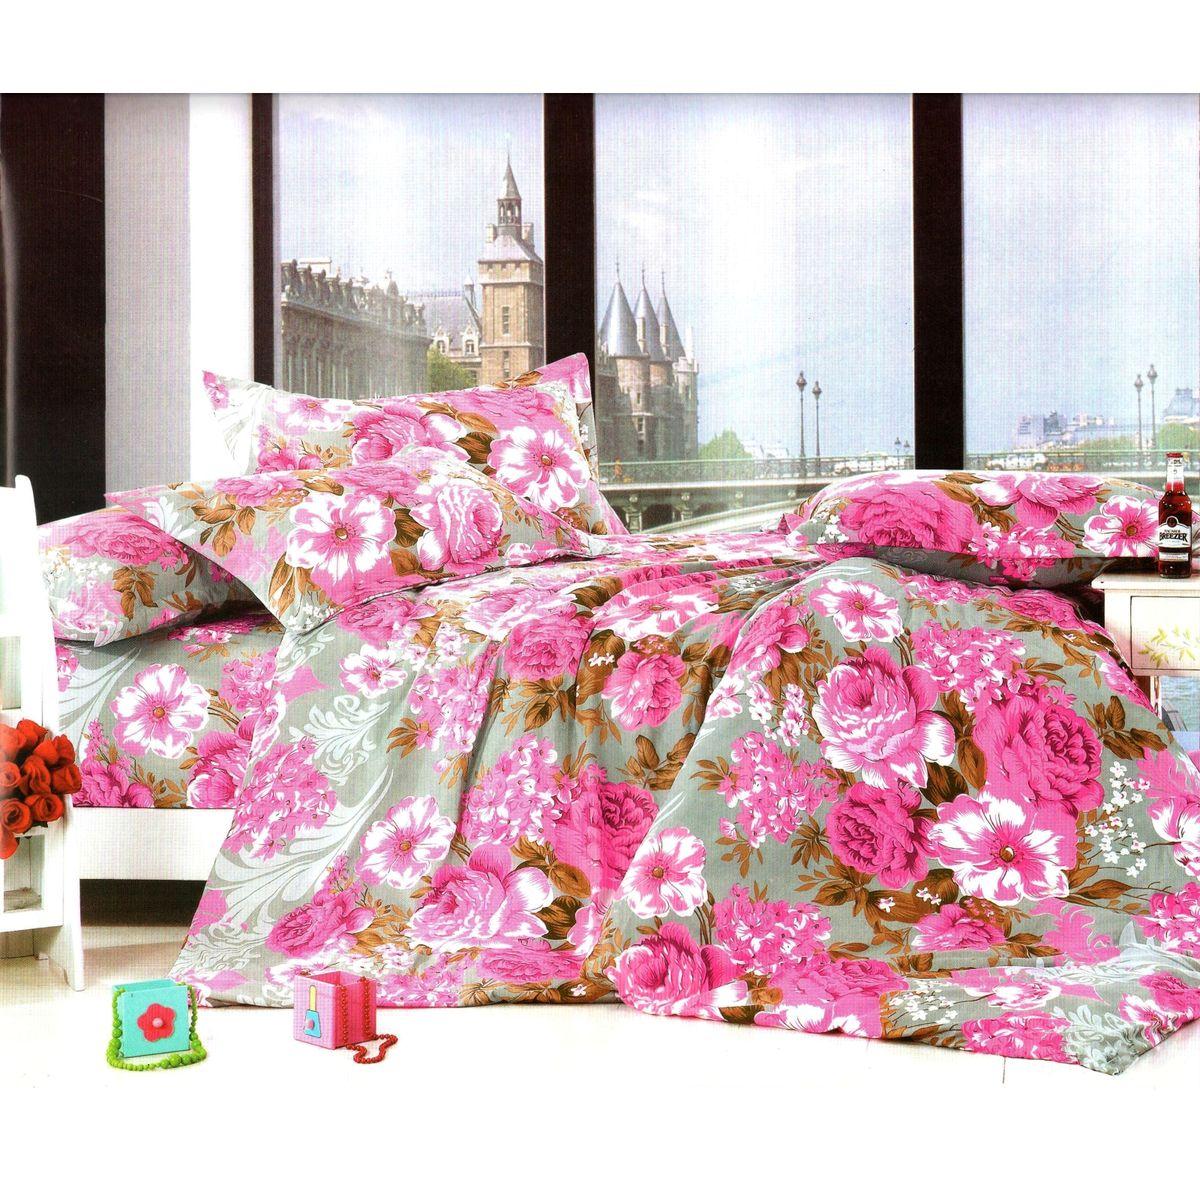 Комплект белья Этель Роза, 1,5-спальный, наволочки 70x70, цвет: розовый, белый, серый824946Комплект постельного белья Этель Роза состоит из пододеяльника на молнии, простыни и двух наволочек. Постельное белье оформлено оригинальным рисунком цветов и имеет изысканный внешний вид. Белье изготовлено из поликоттона отвечающего всем необходимым нормативным стандартам. Поликоттон - это ткань из экологически чистых материалов (50% хлопка, 50% полиэстера). Неоспоримым плюсом белья из такой ткани является мягкость и легкость, она прекрасно пропускает воздух, приятна на ощупь, не образует катышков на поверхности и за ней легко ухаживать. При соблюдении рекомендаций по уходу, это белье выдерживает много стирок, не линяет и не теряет свою первоначальную прочность. Уникальная ткань обеспечивает легкую глажку. Приобретая комплект постельного белья Этель Роза, вы можете быть уверенны в том, что покупка доставит вам и вашим близким удовольствие и подарит максимальный комфорт.